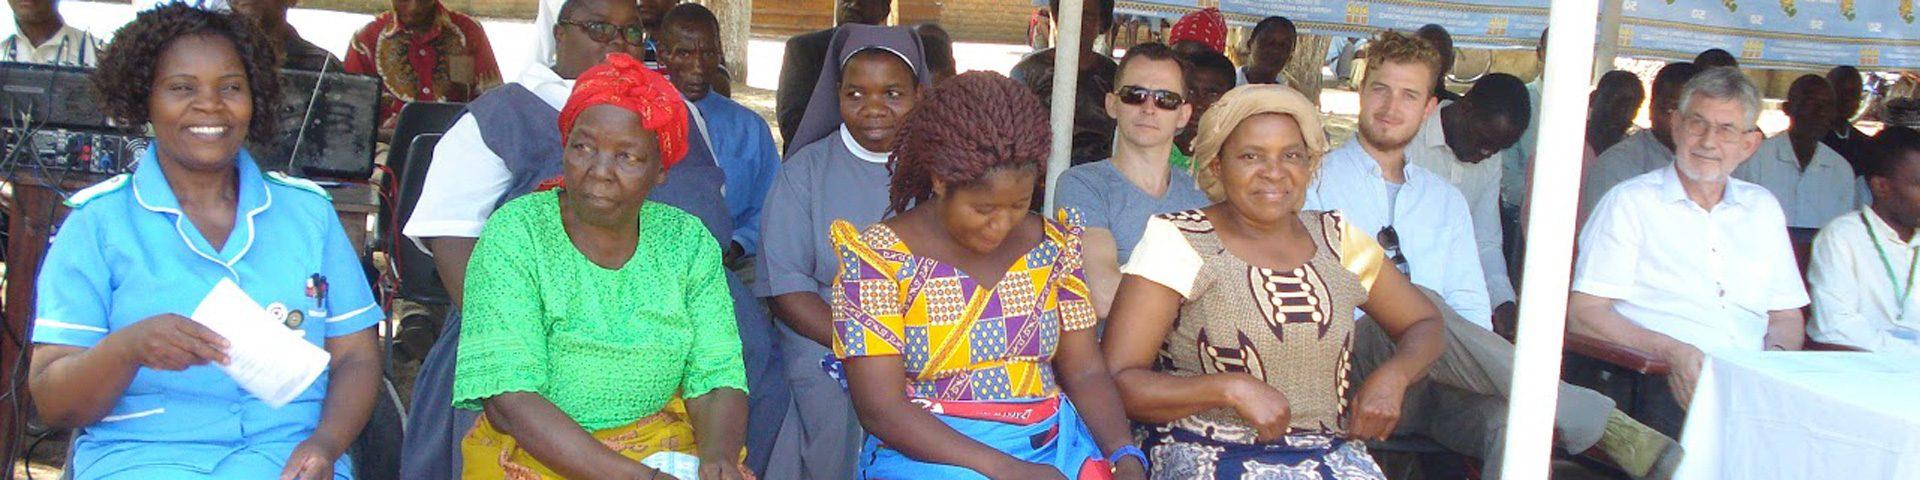 Mensen uit Malawi op bijeenkomst.